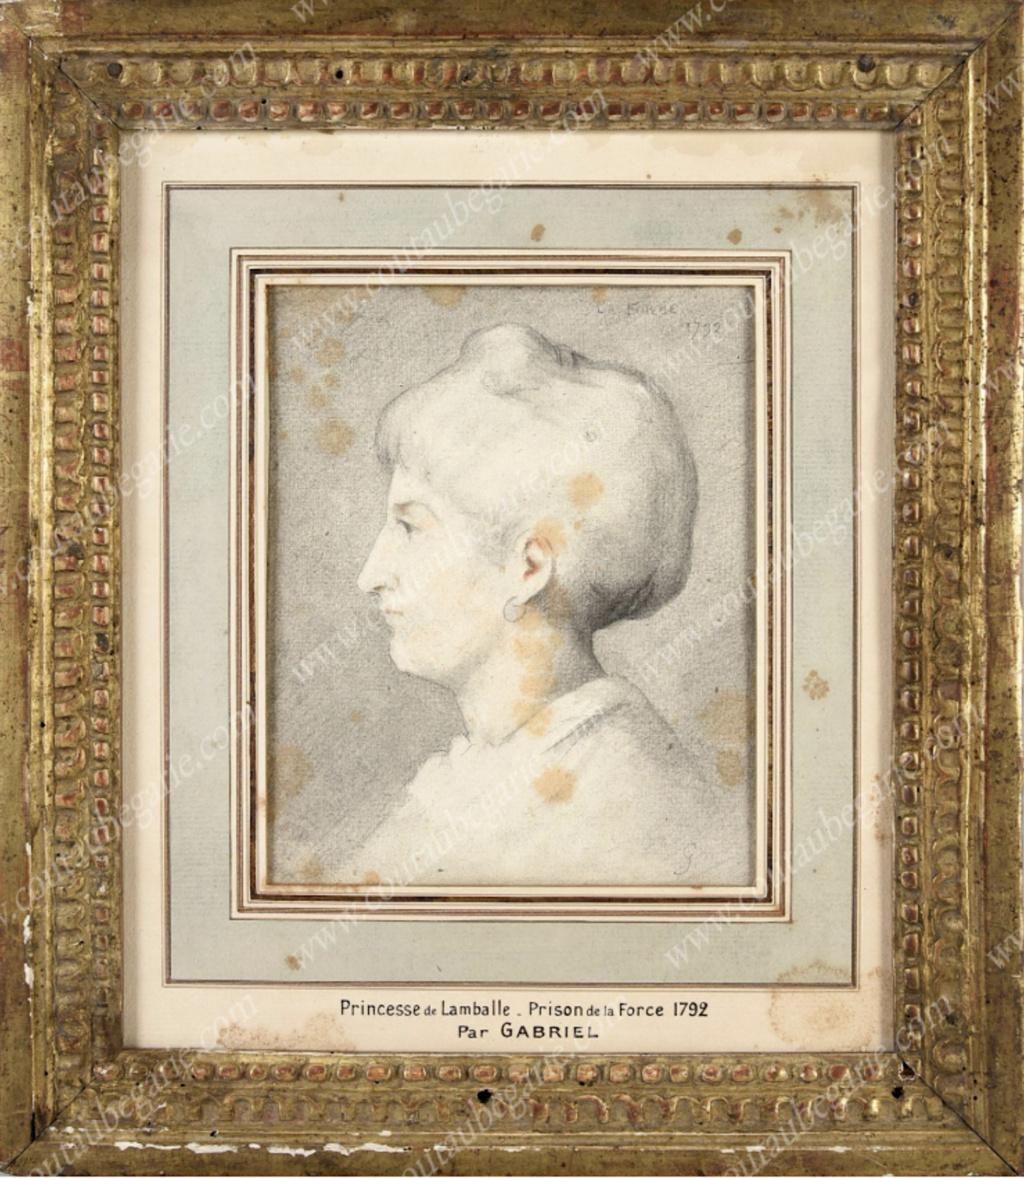 Portrait(s) de la princesse de Lamballe à la prison de la Force, par Gabriel Capt2234